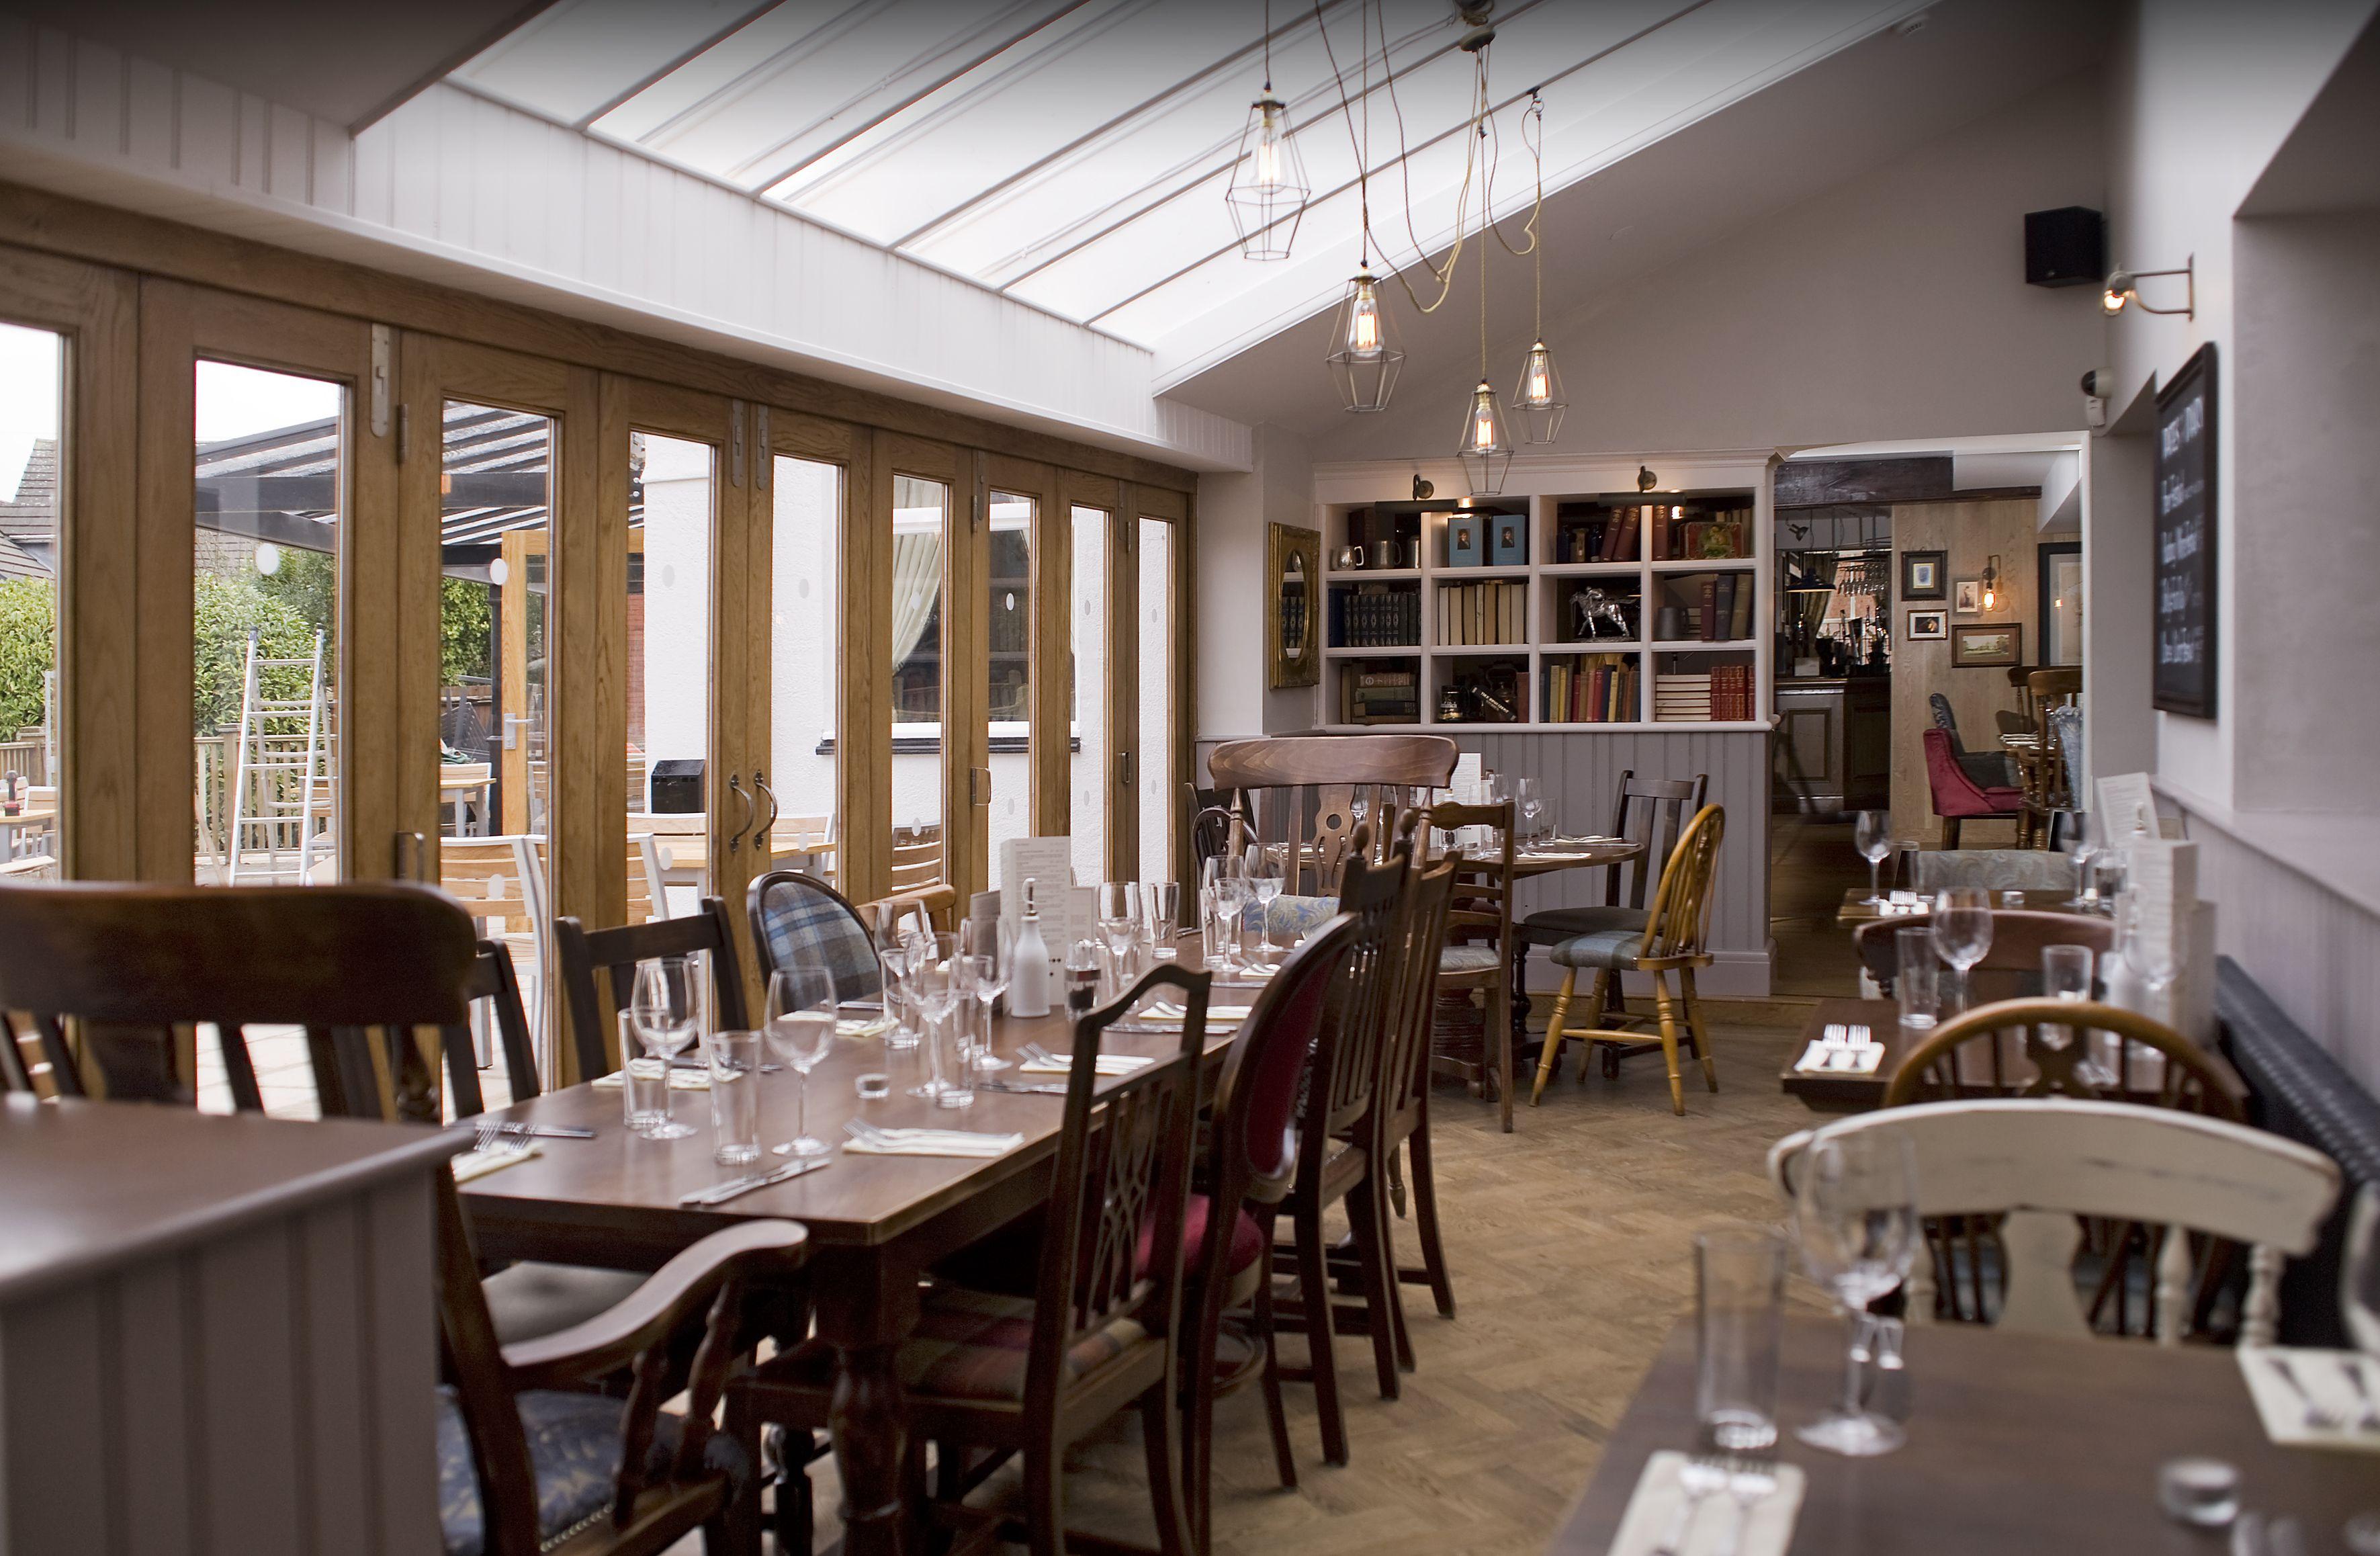 Awesome Pub Interior Design Ideas Pictures - Interior Design Ideas ...